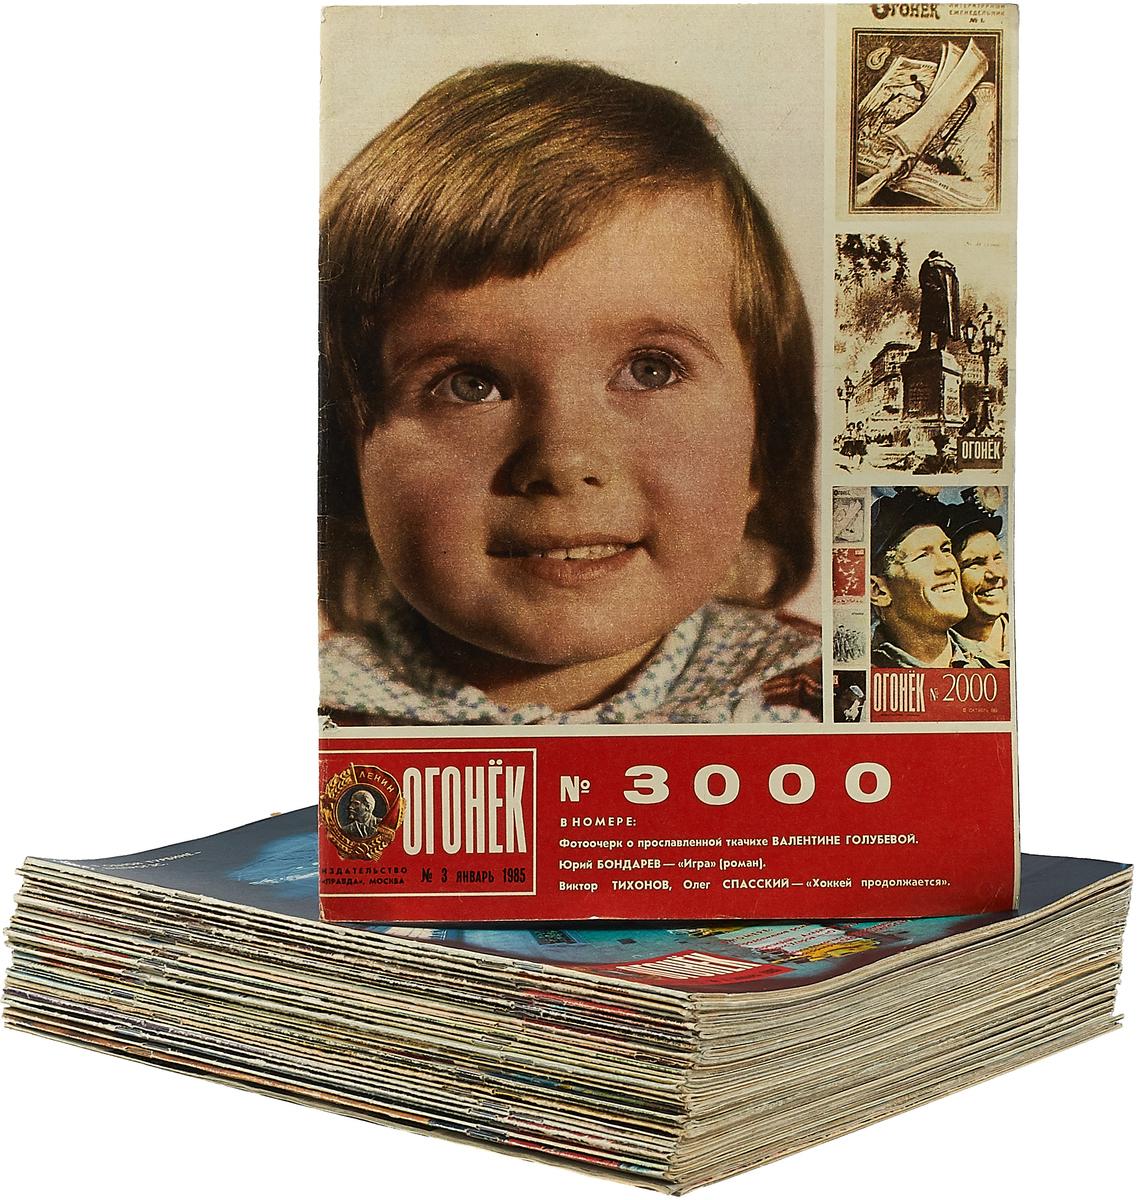 Журнал Огонек за 1985 год (комплект из 32 журналов) hilfiger est 1985